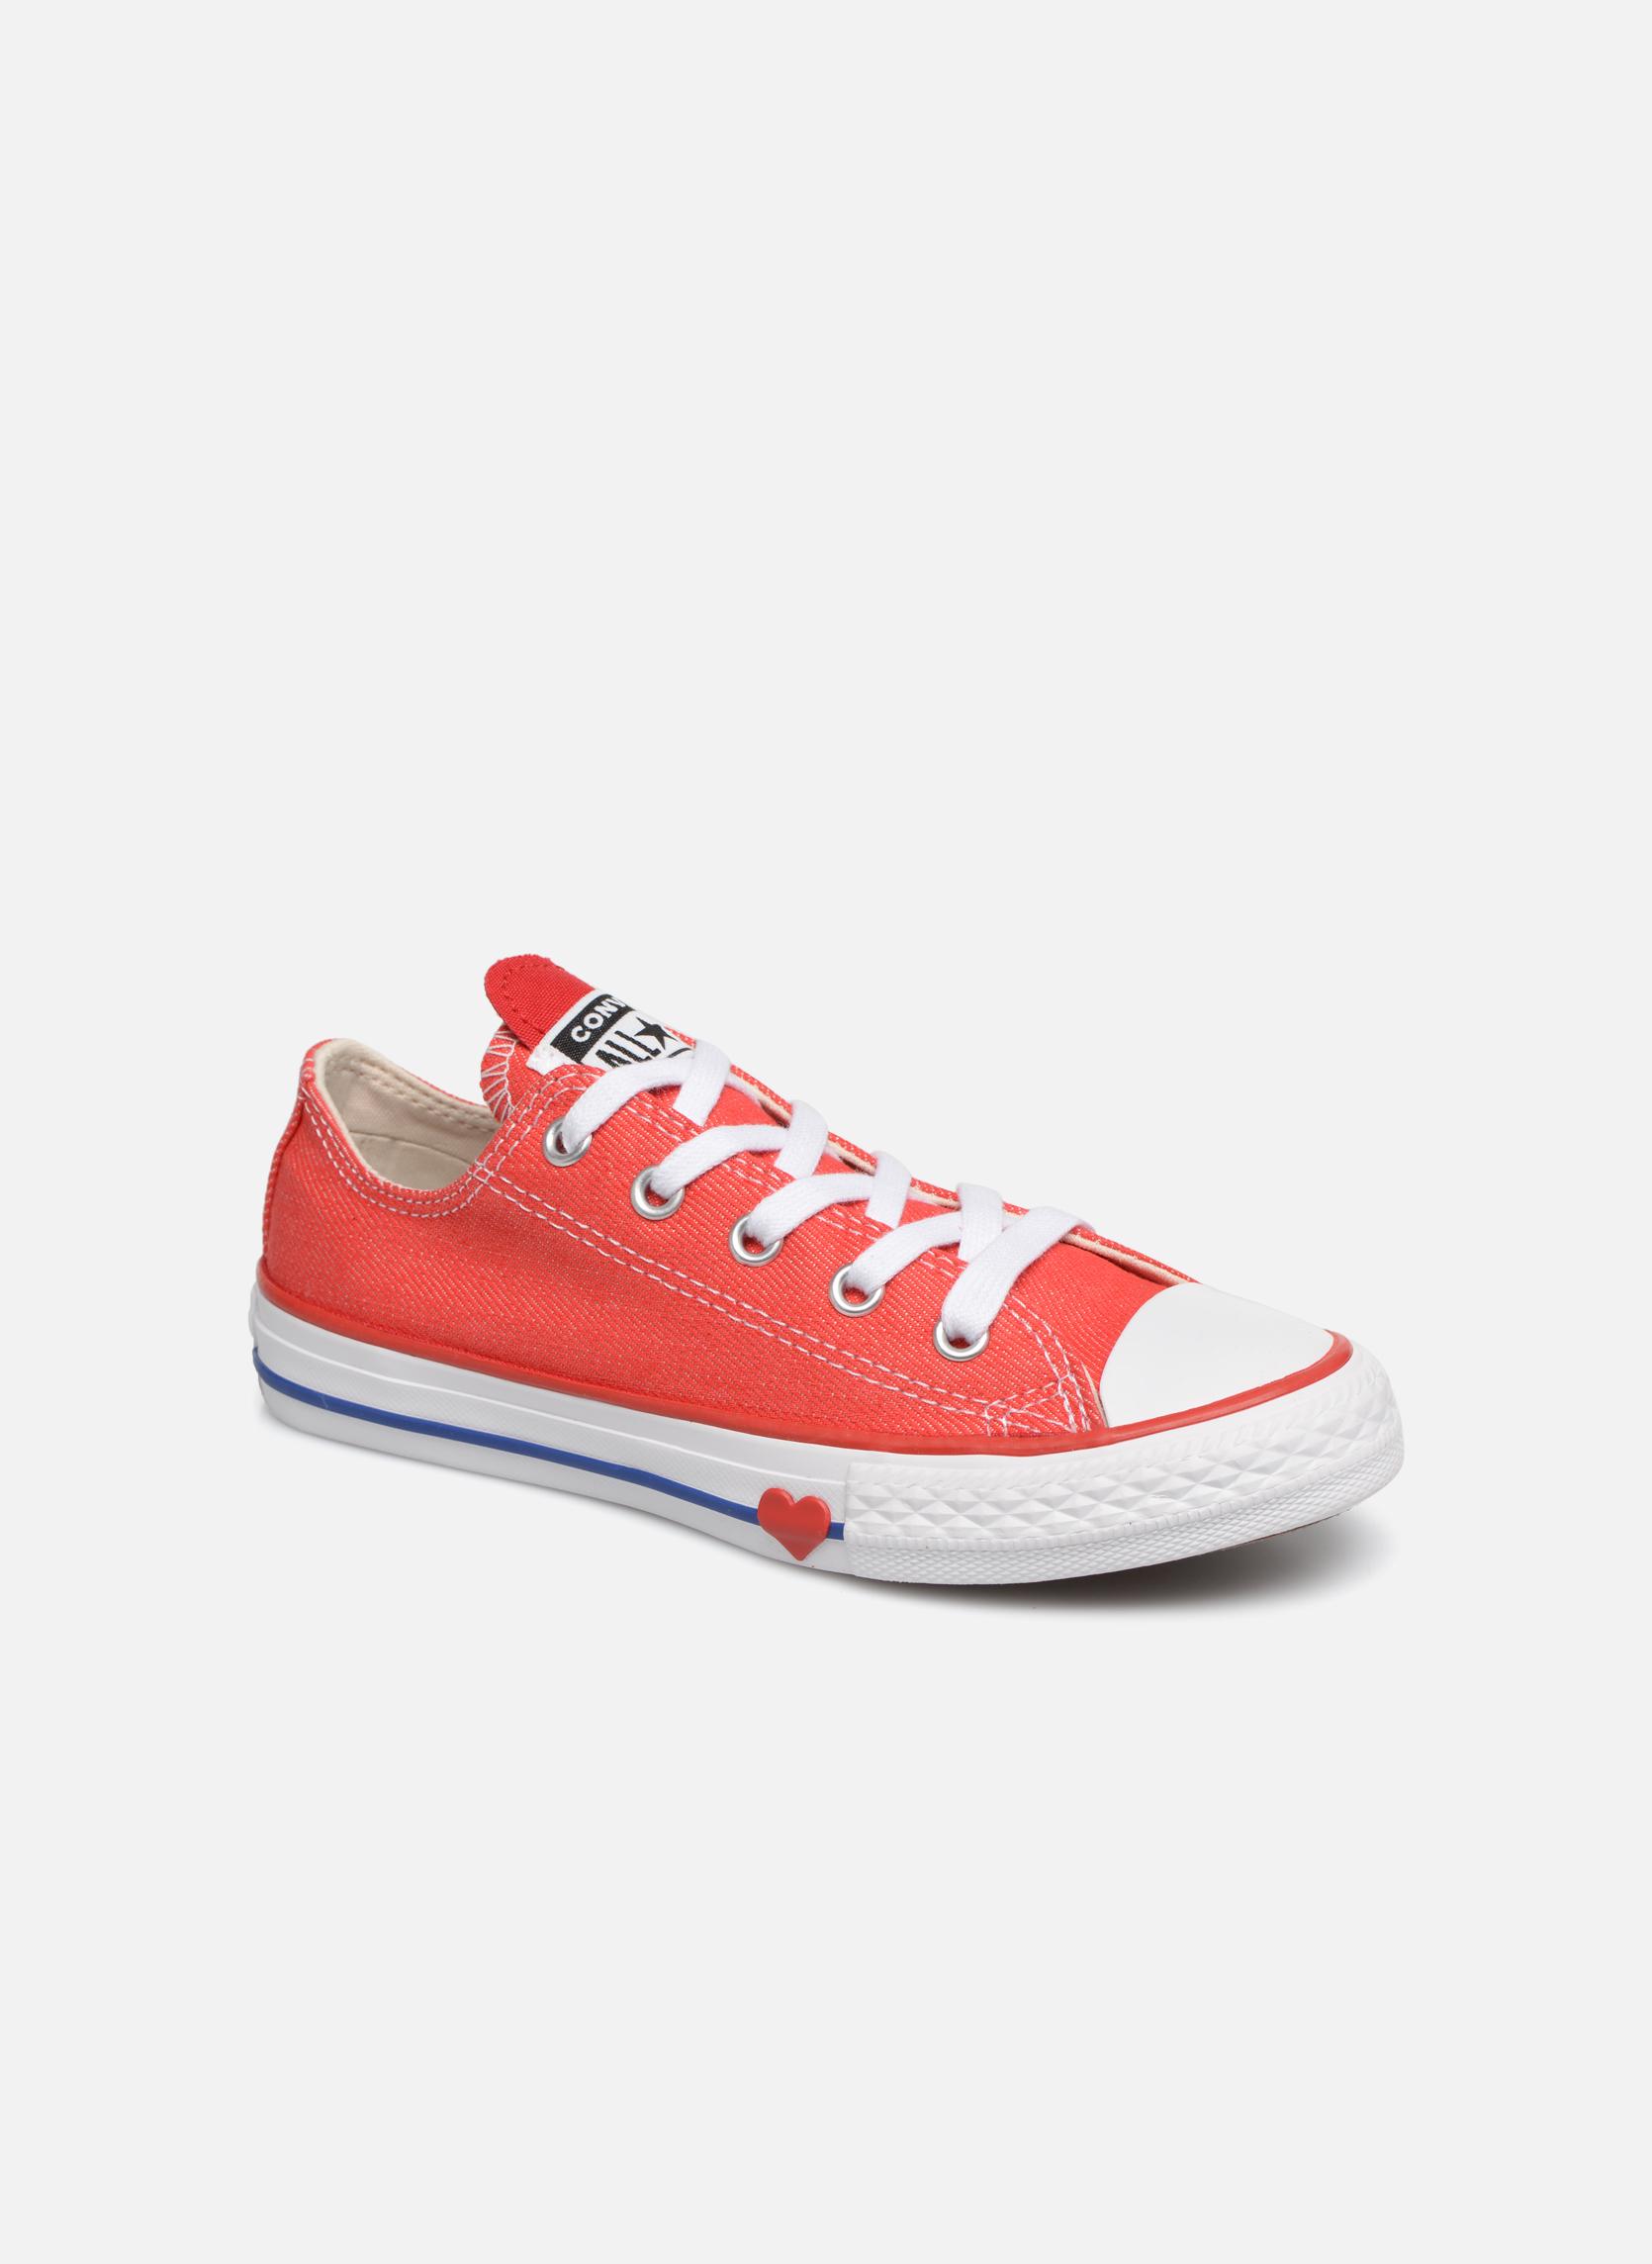 Rode Sneakers van Converse maat 28 Tot € 125 ...